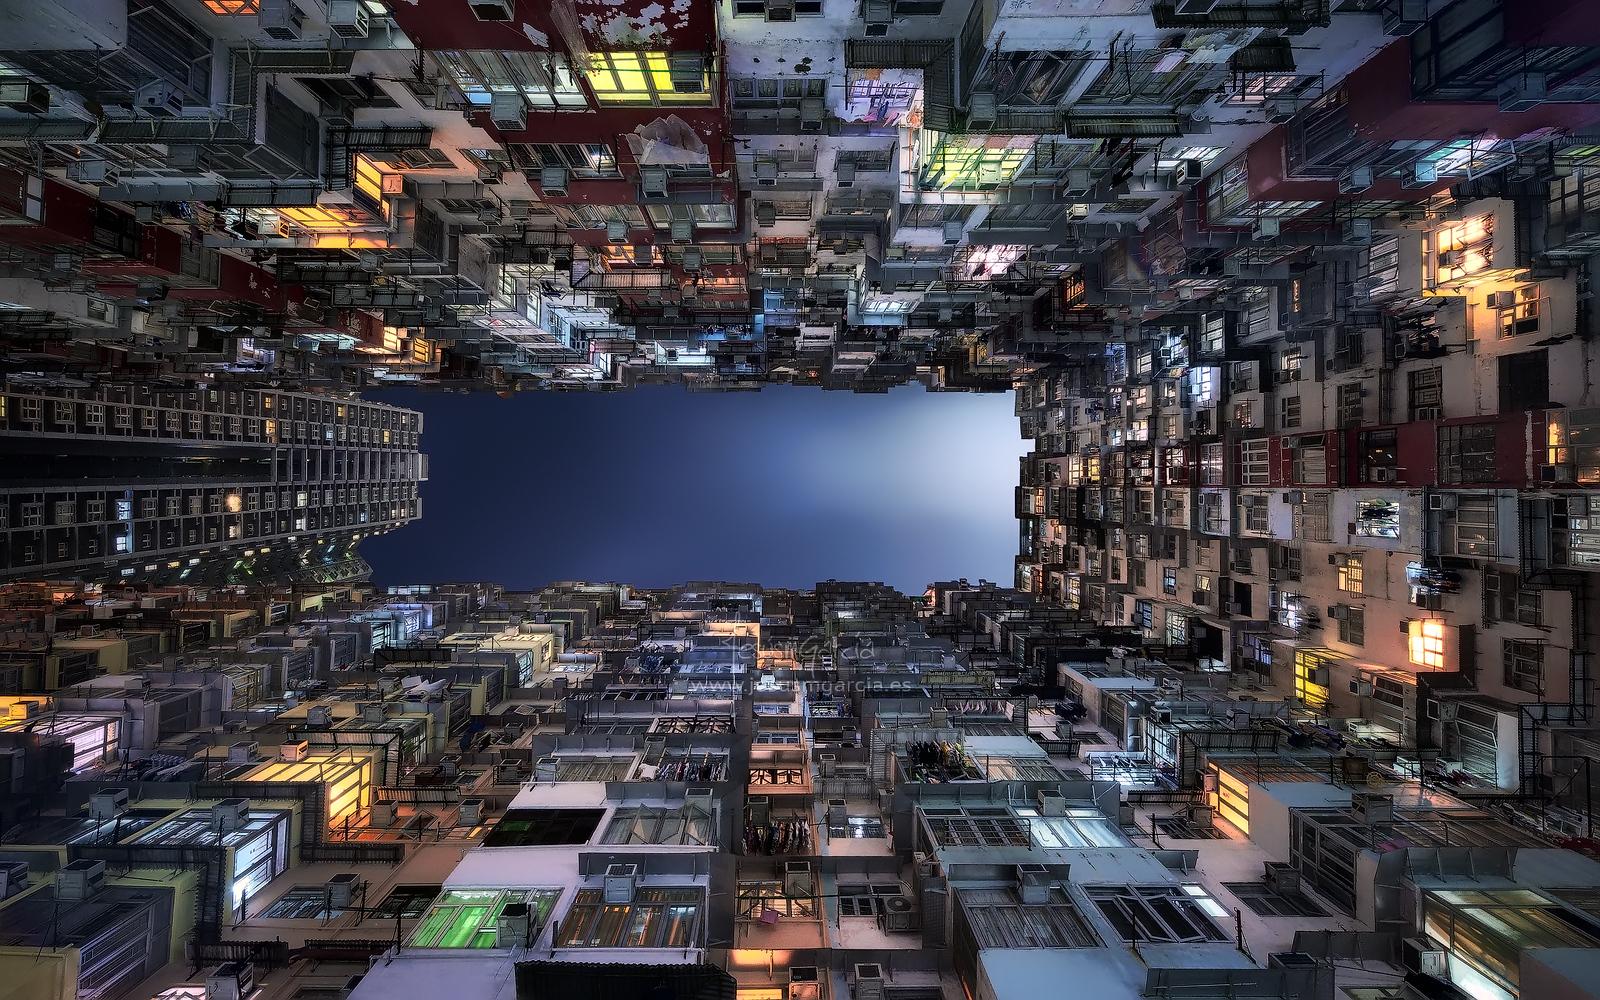 Beehive Buildings in Hong Kong